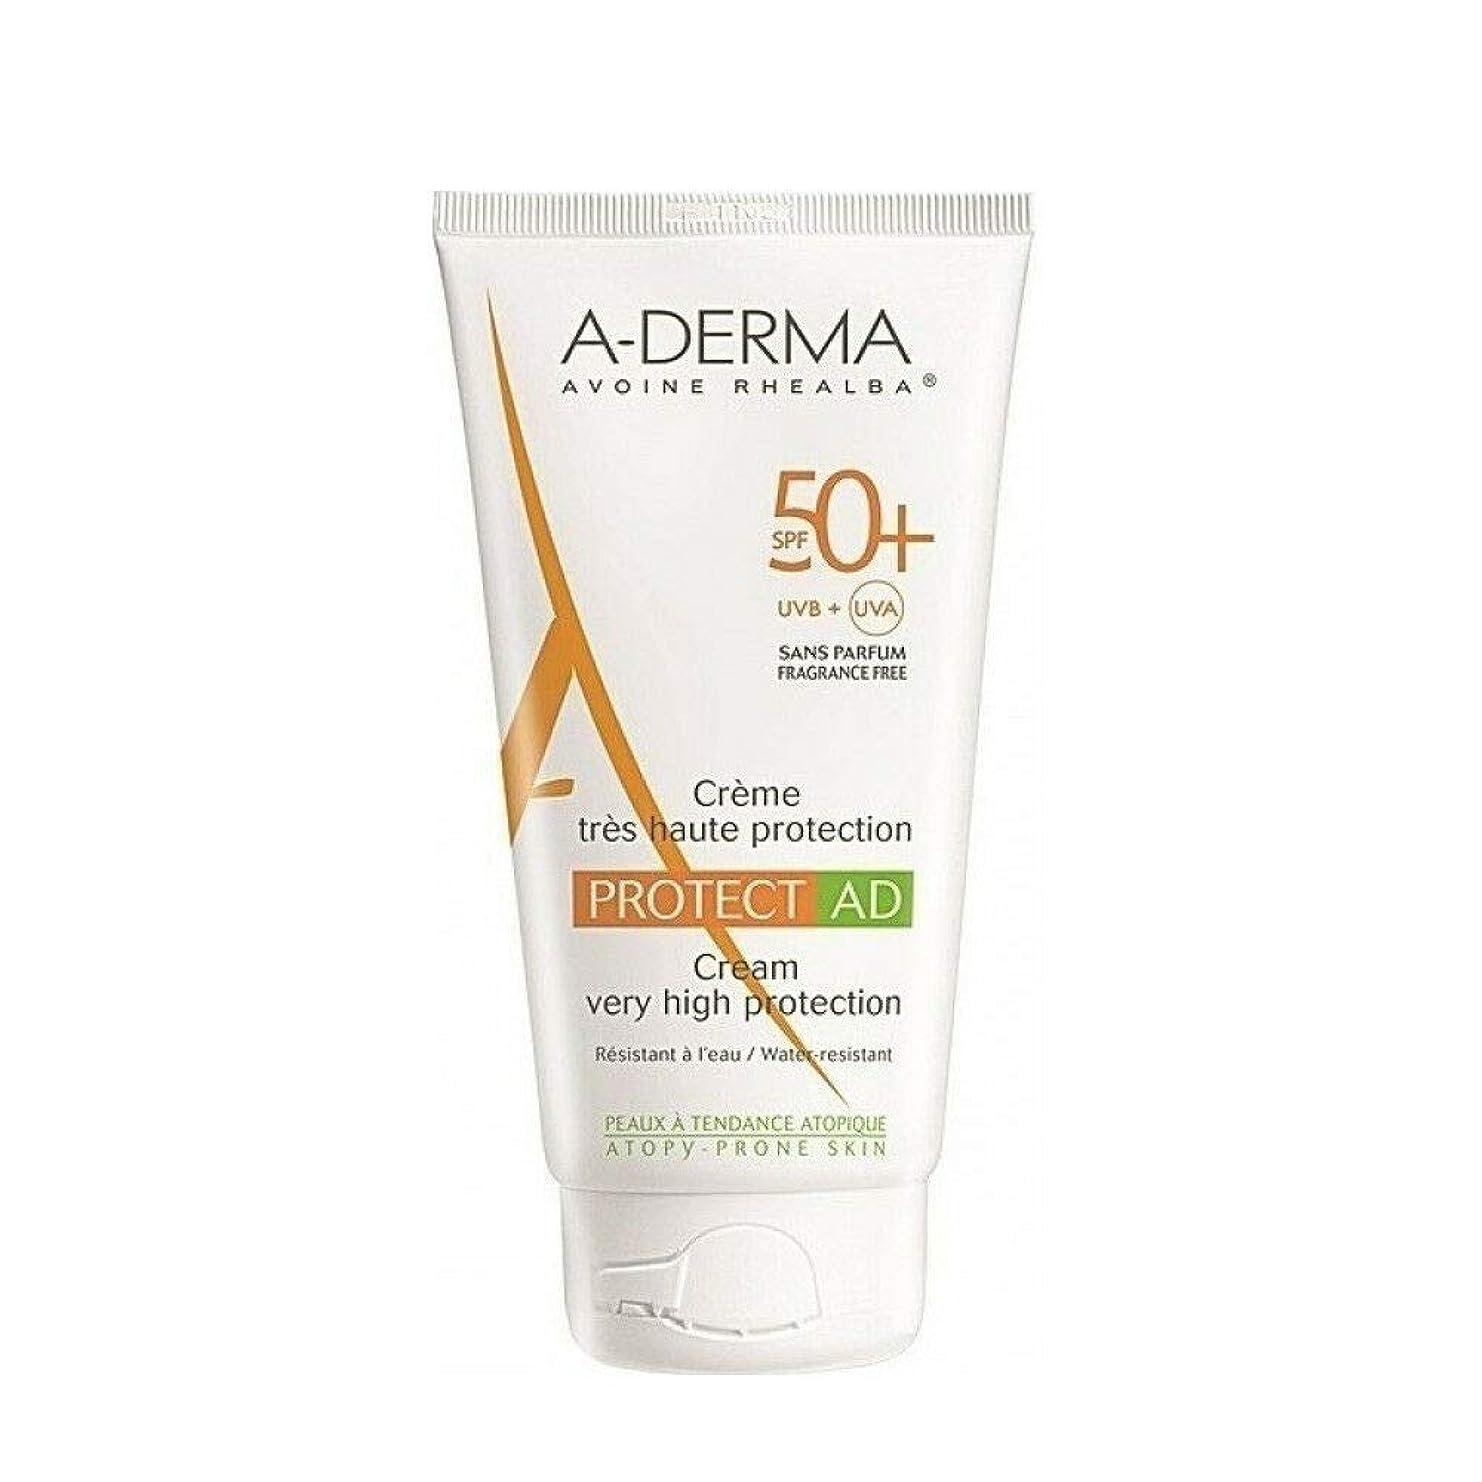 勃起激しい乱気流A-DERMA Protect AD sun cream サンクリーム (150ml) SPF50+/PA+++ フランス日焼け止め